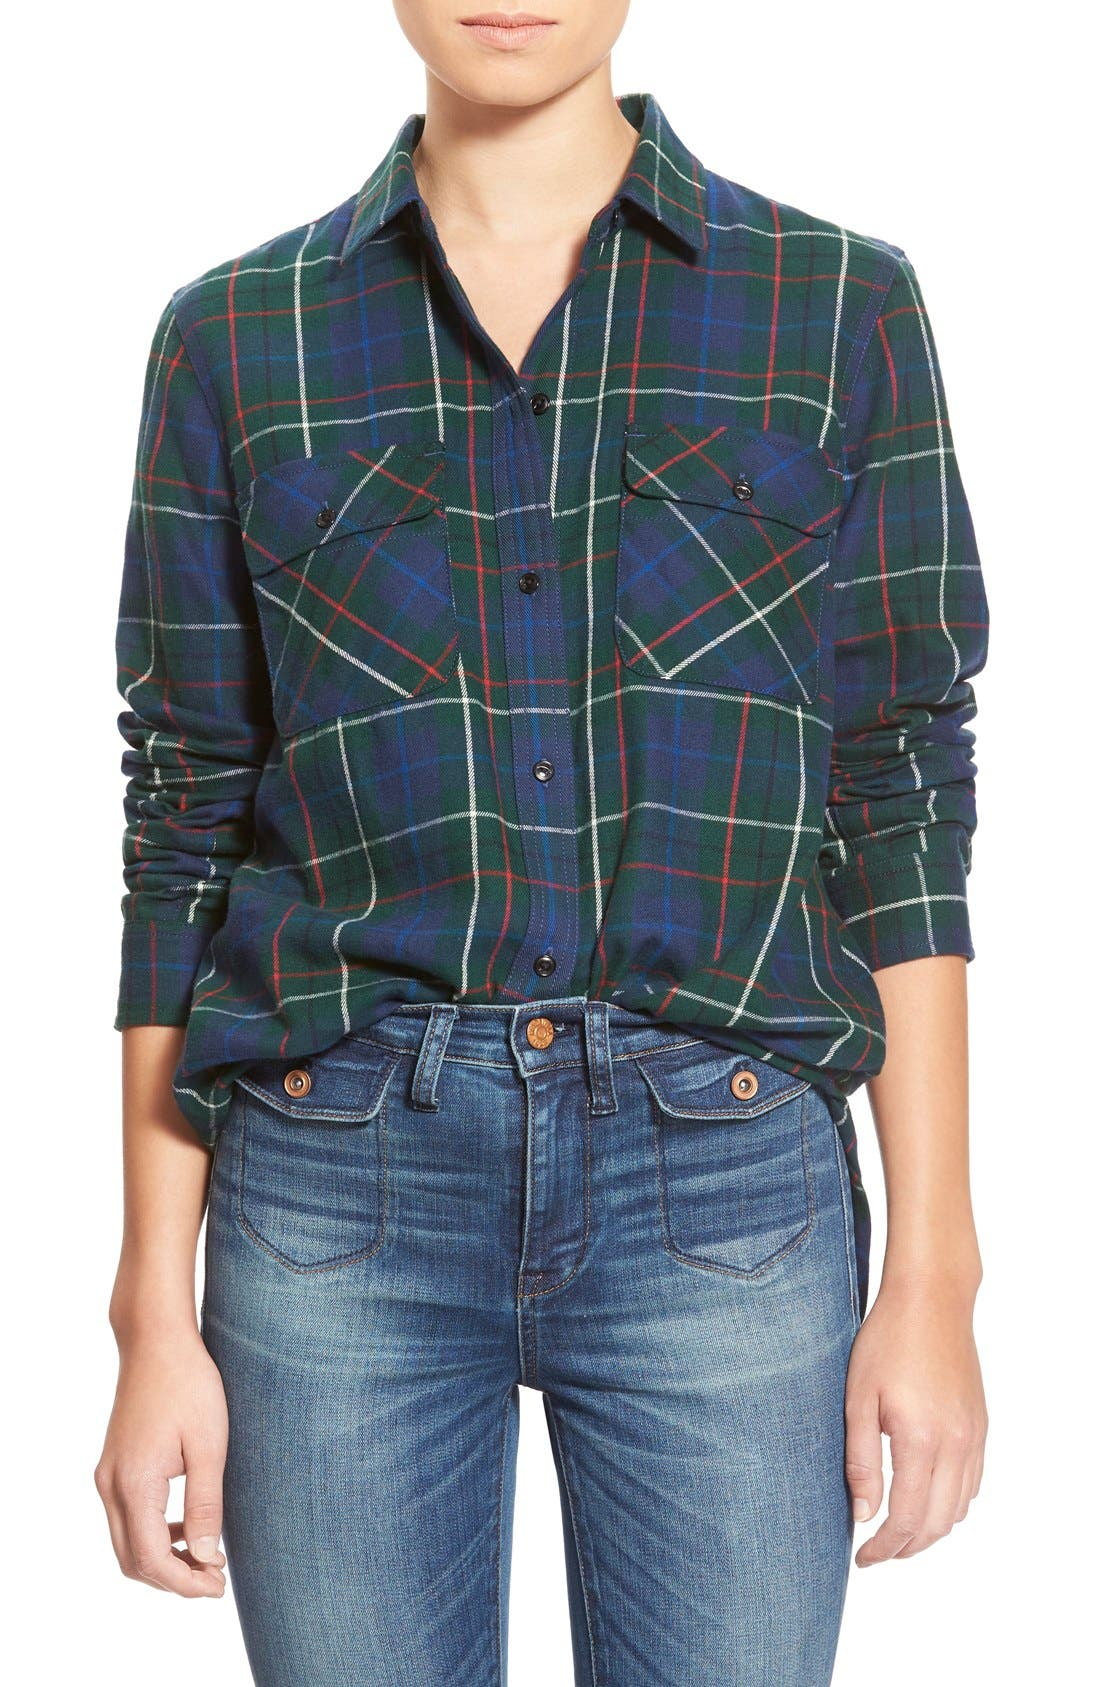 Ex Boyfriend - Ontario Plaid Flannel Shirt,                             Main thumbnail 1, color,